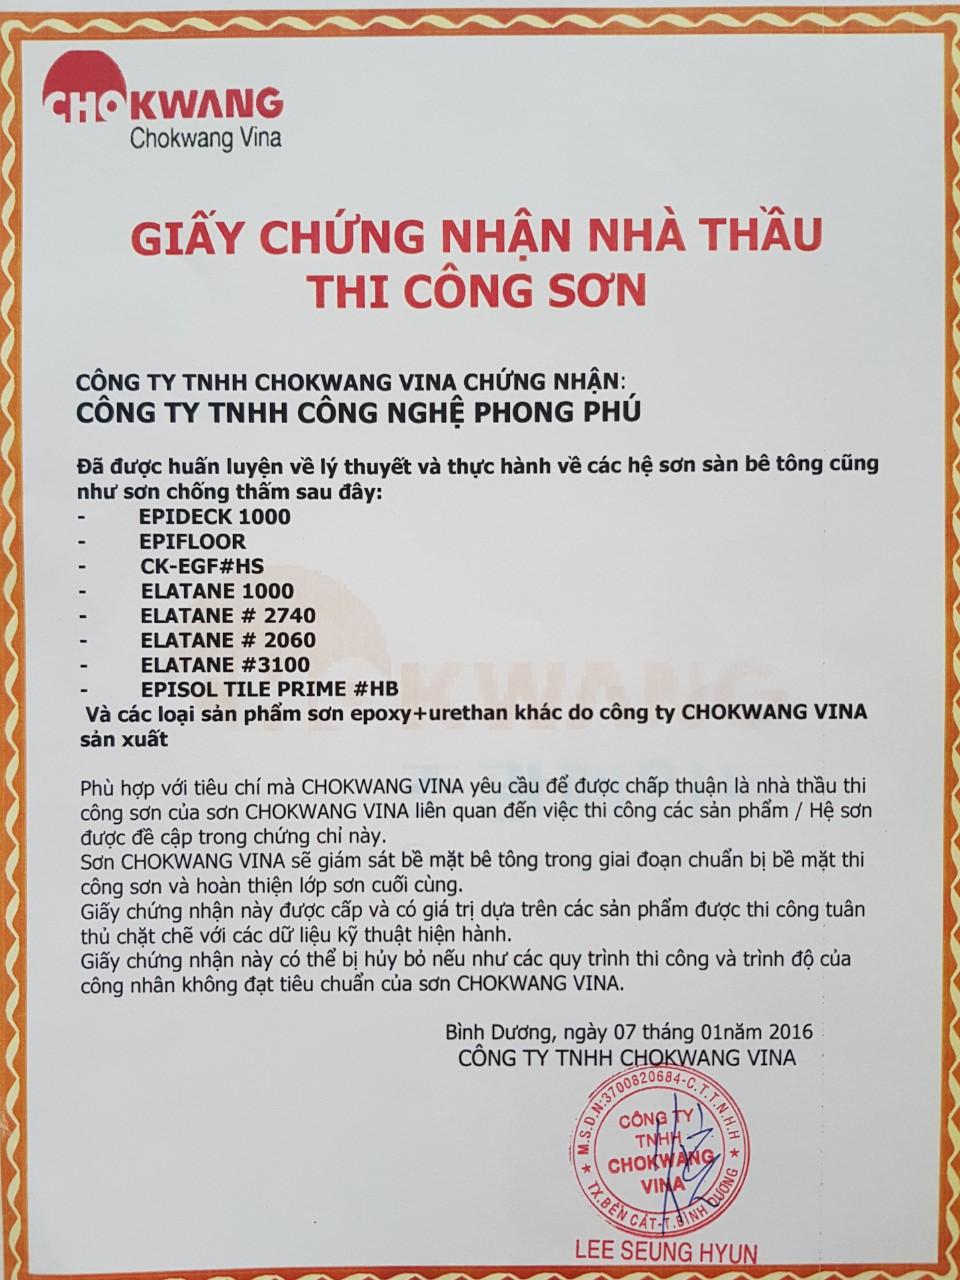 Chứng nhận phân phối từ hãng sơn chokwang